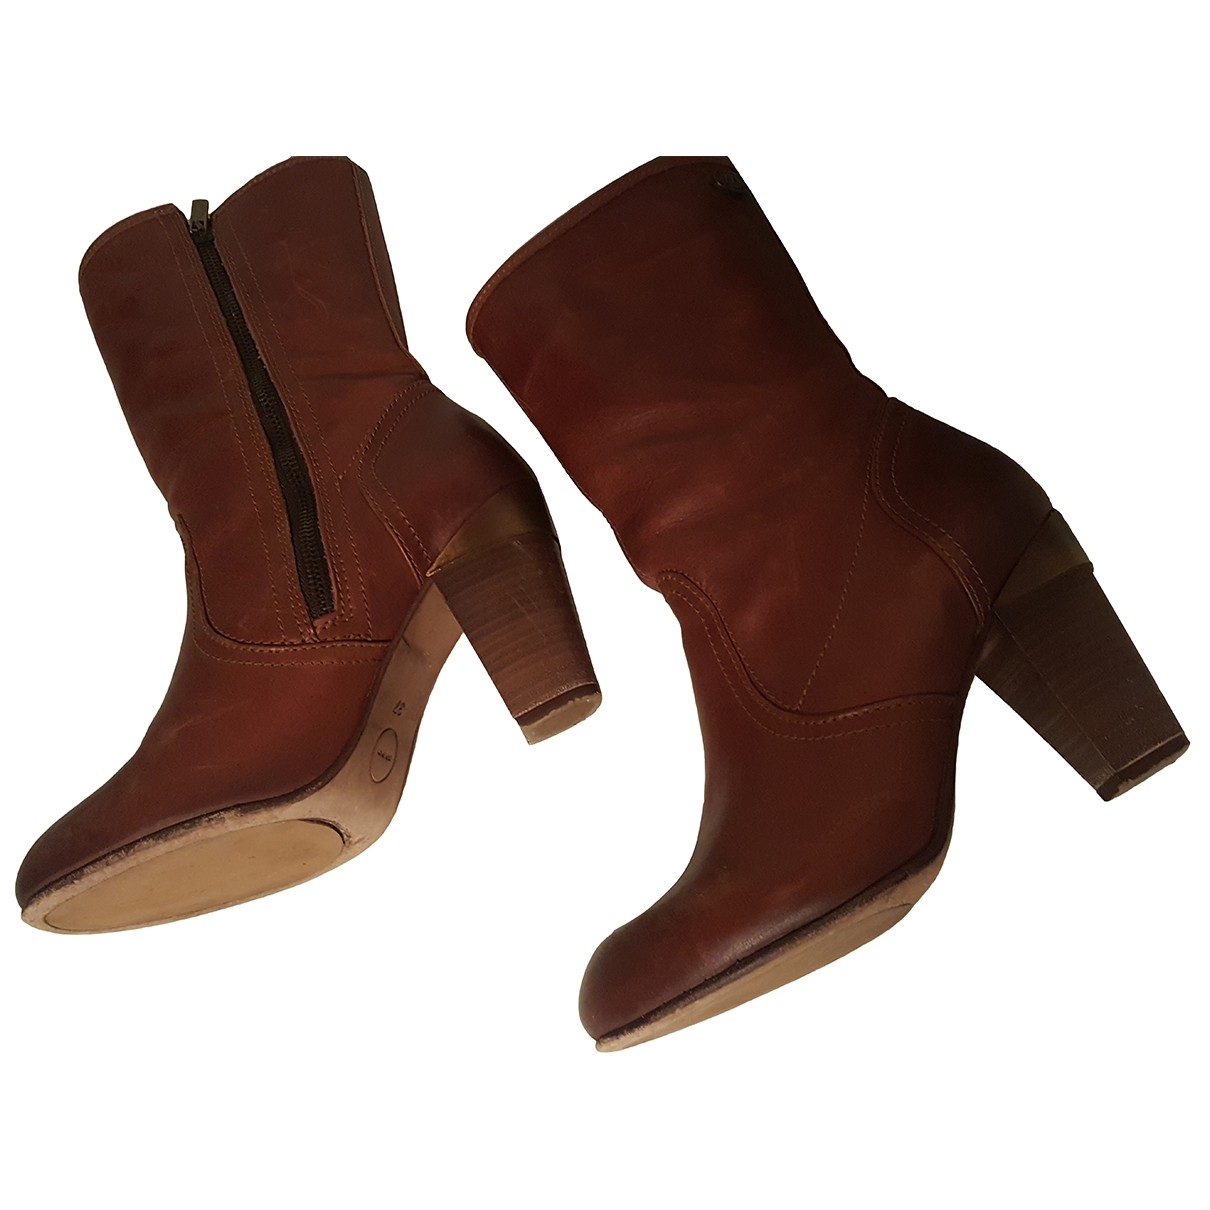 Ikks - Boots   pour femme en cuir - marron